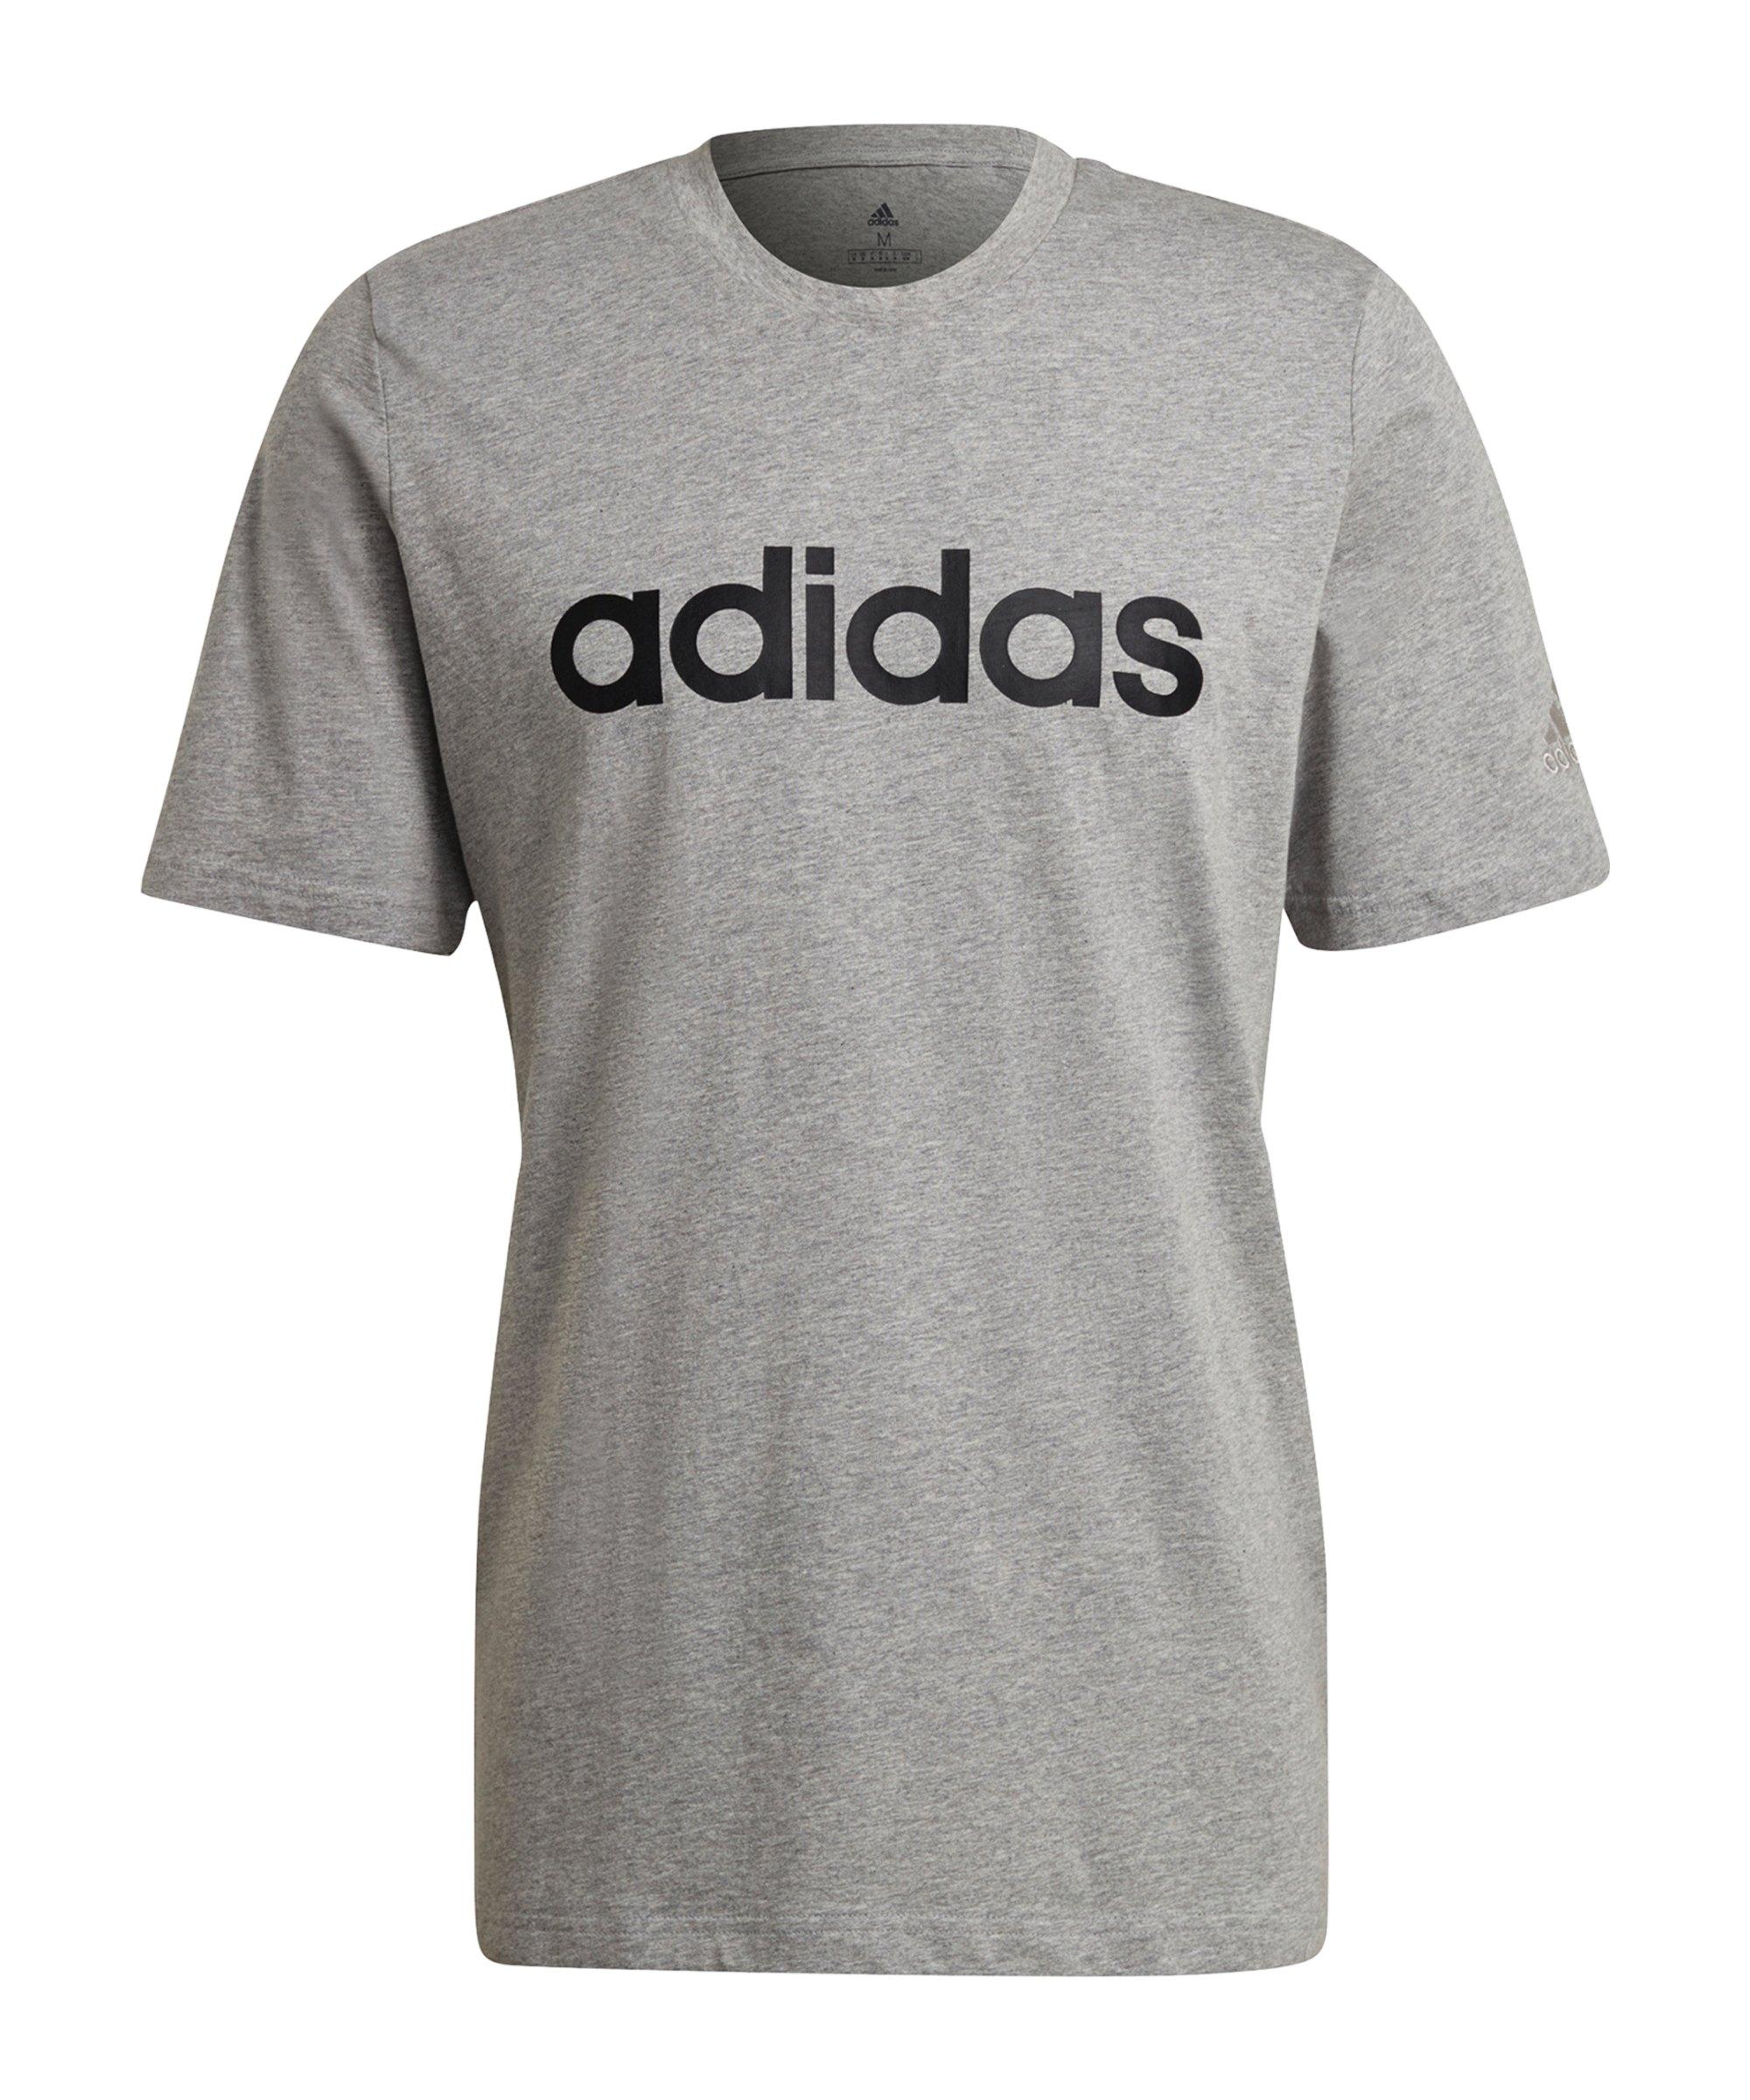 adidas Essentials T-Shirt Grau - grau